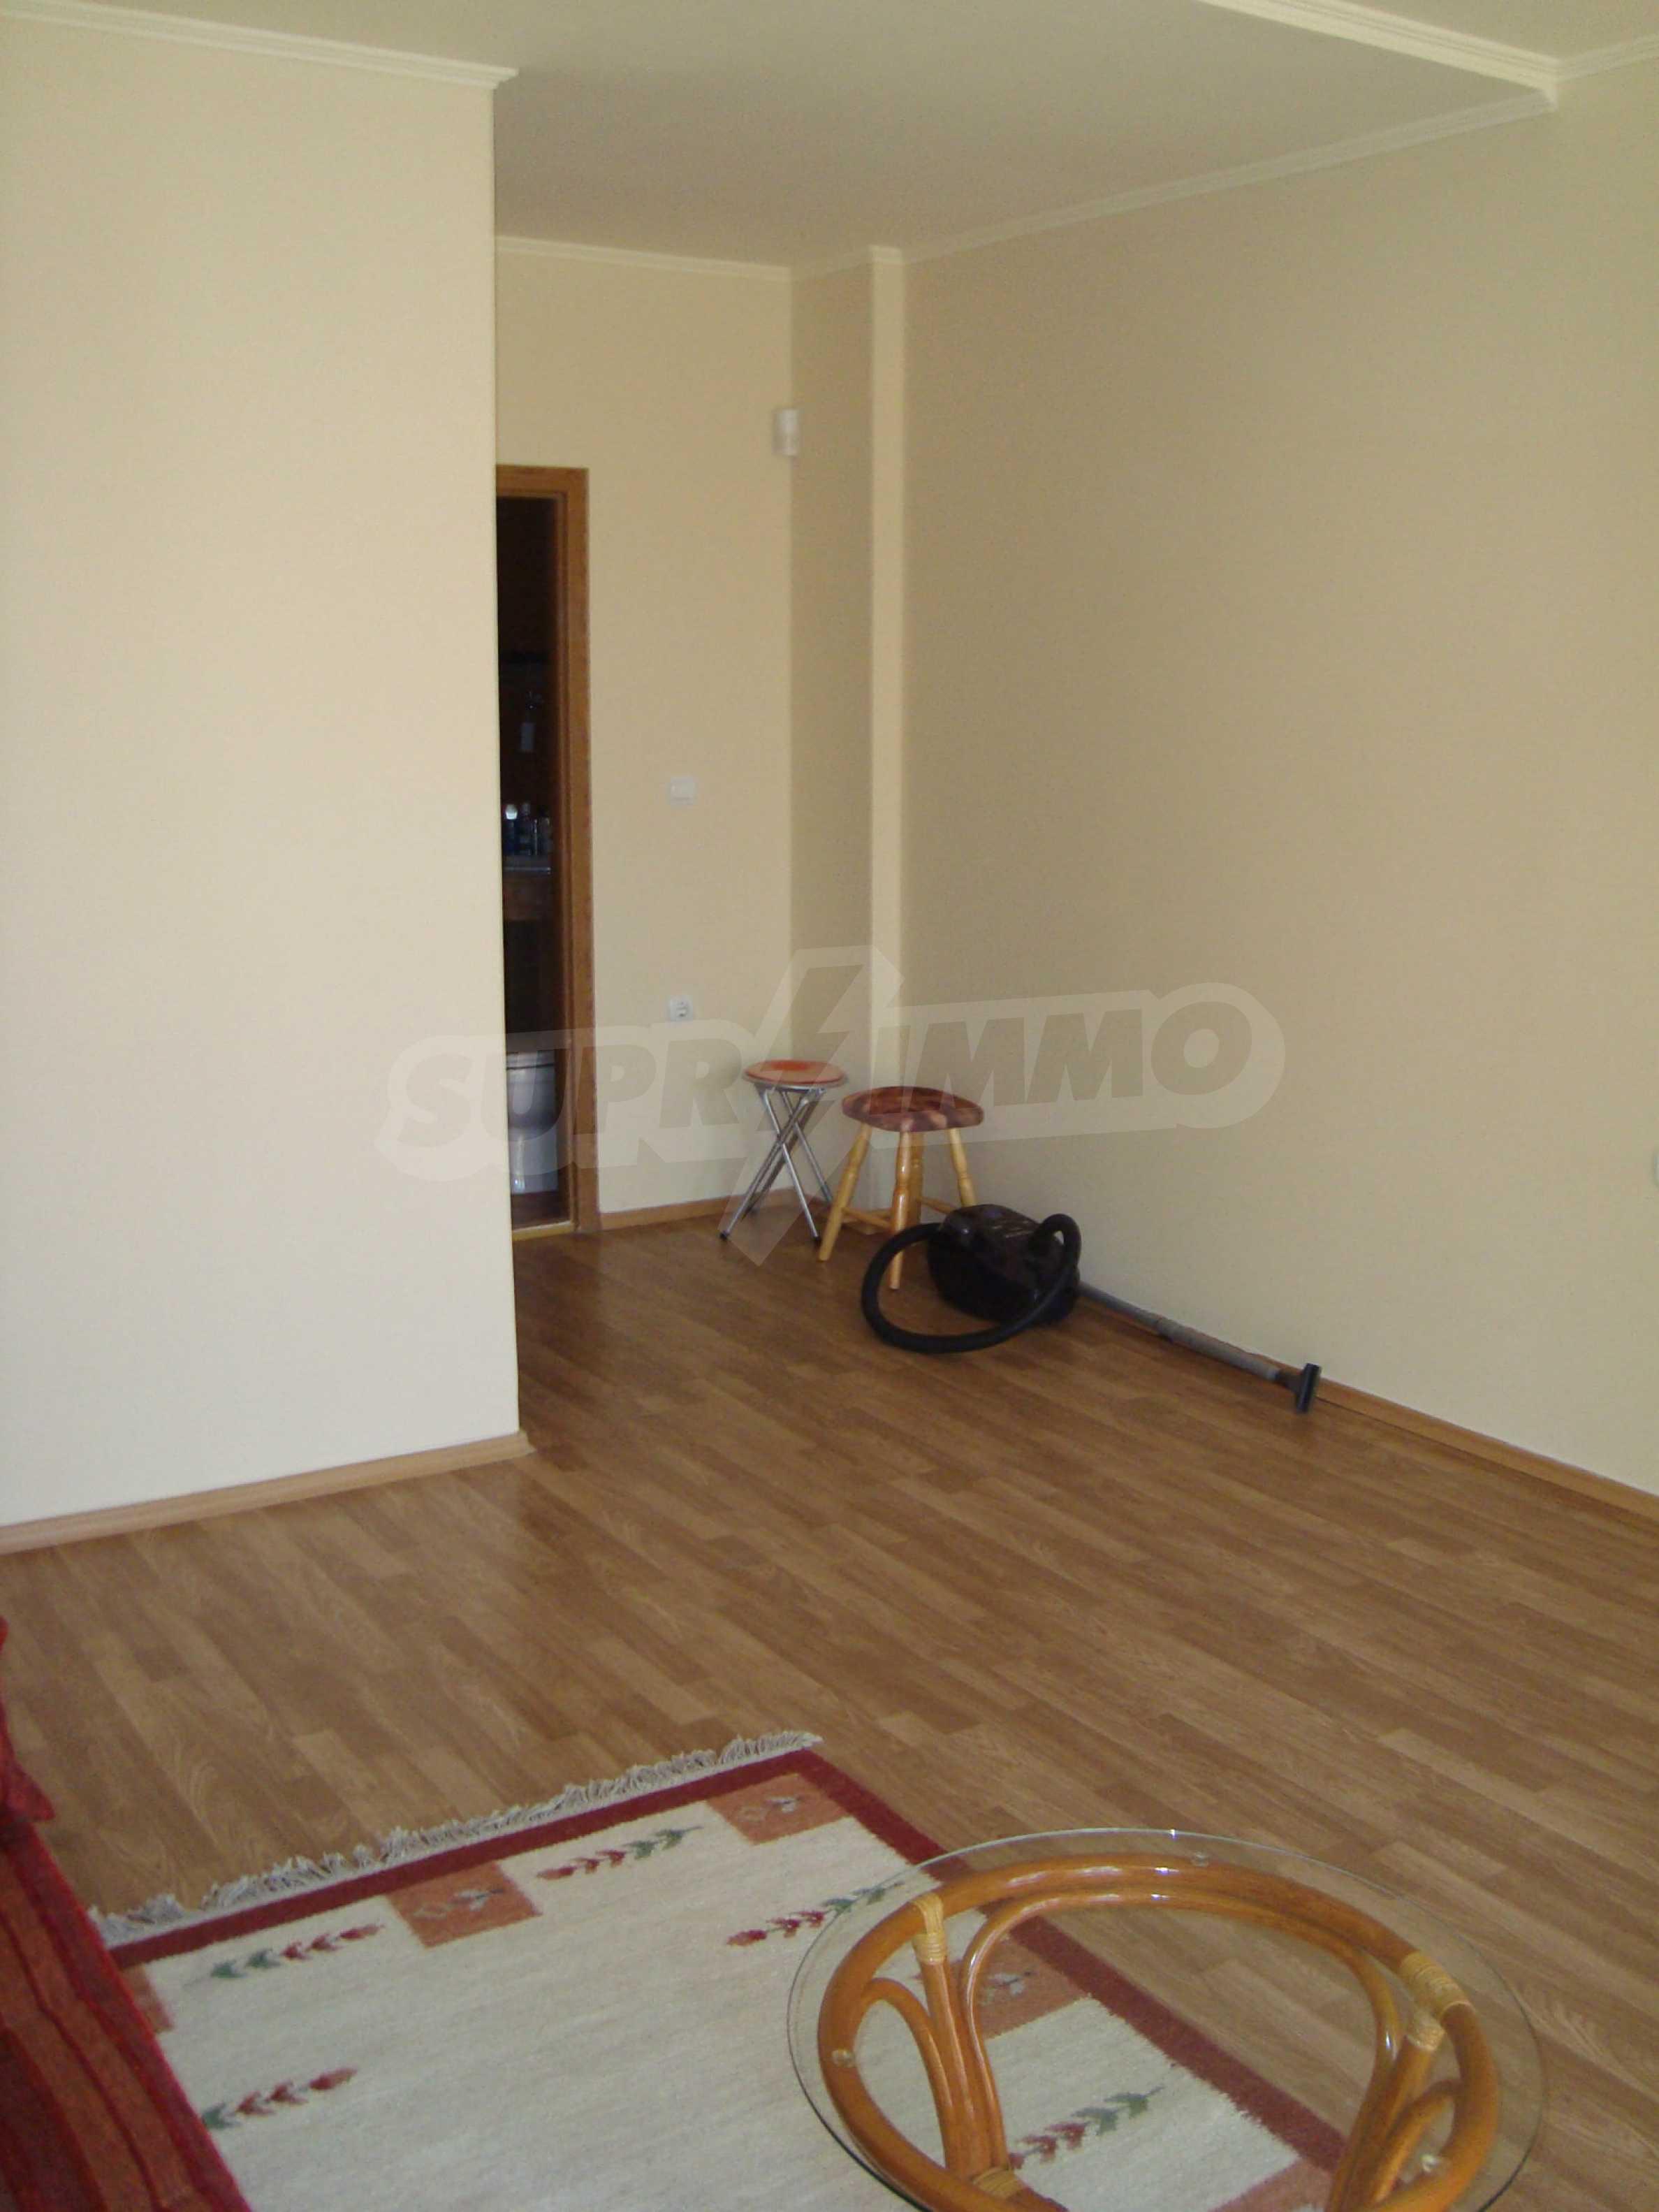 2-stöckige Villa zum Verkauf in Elenite Feriendorf, 24